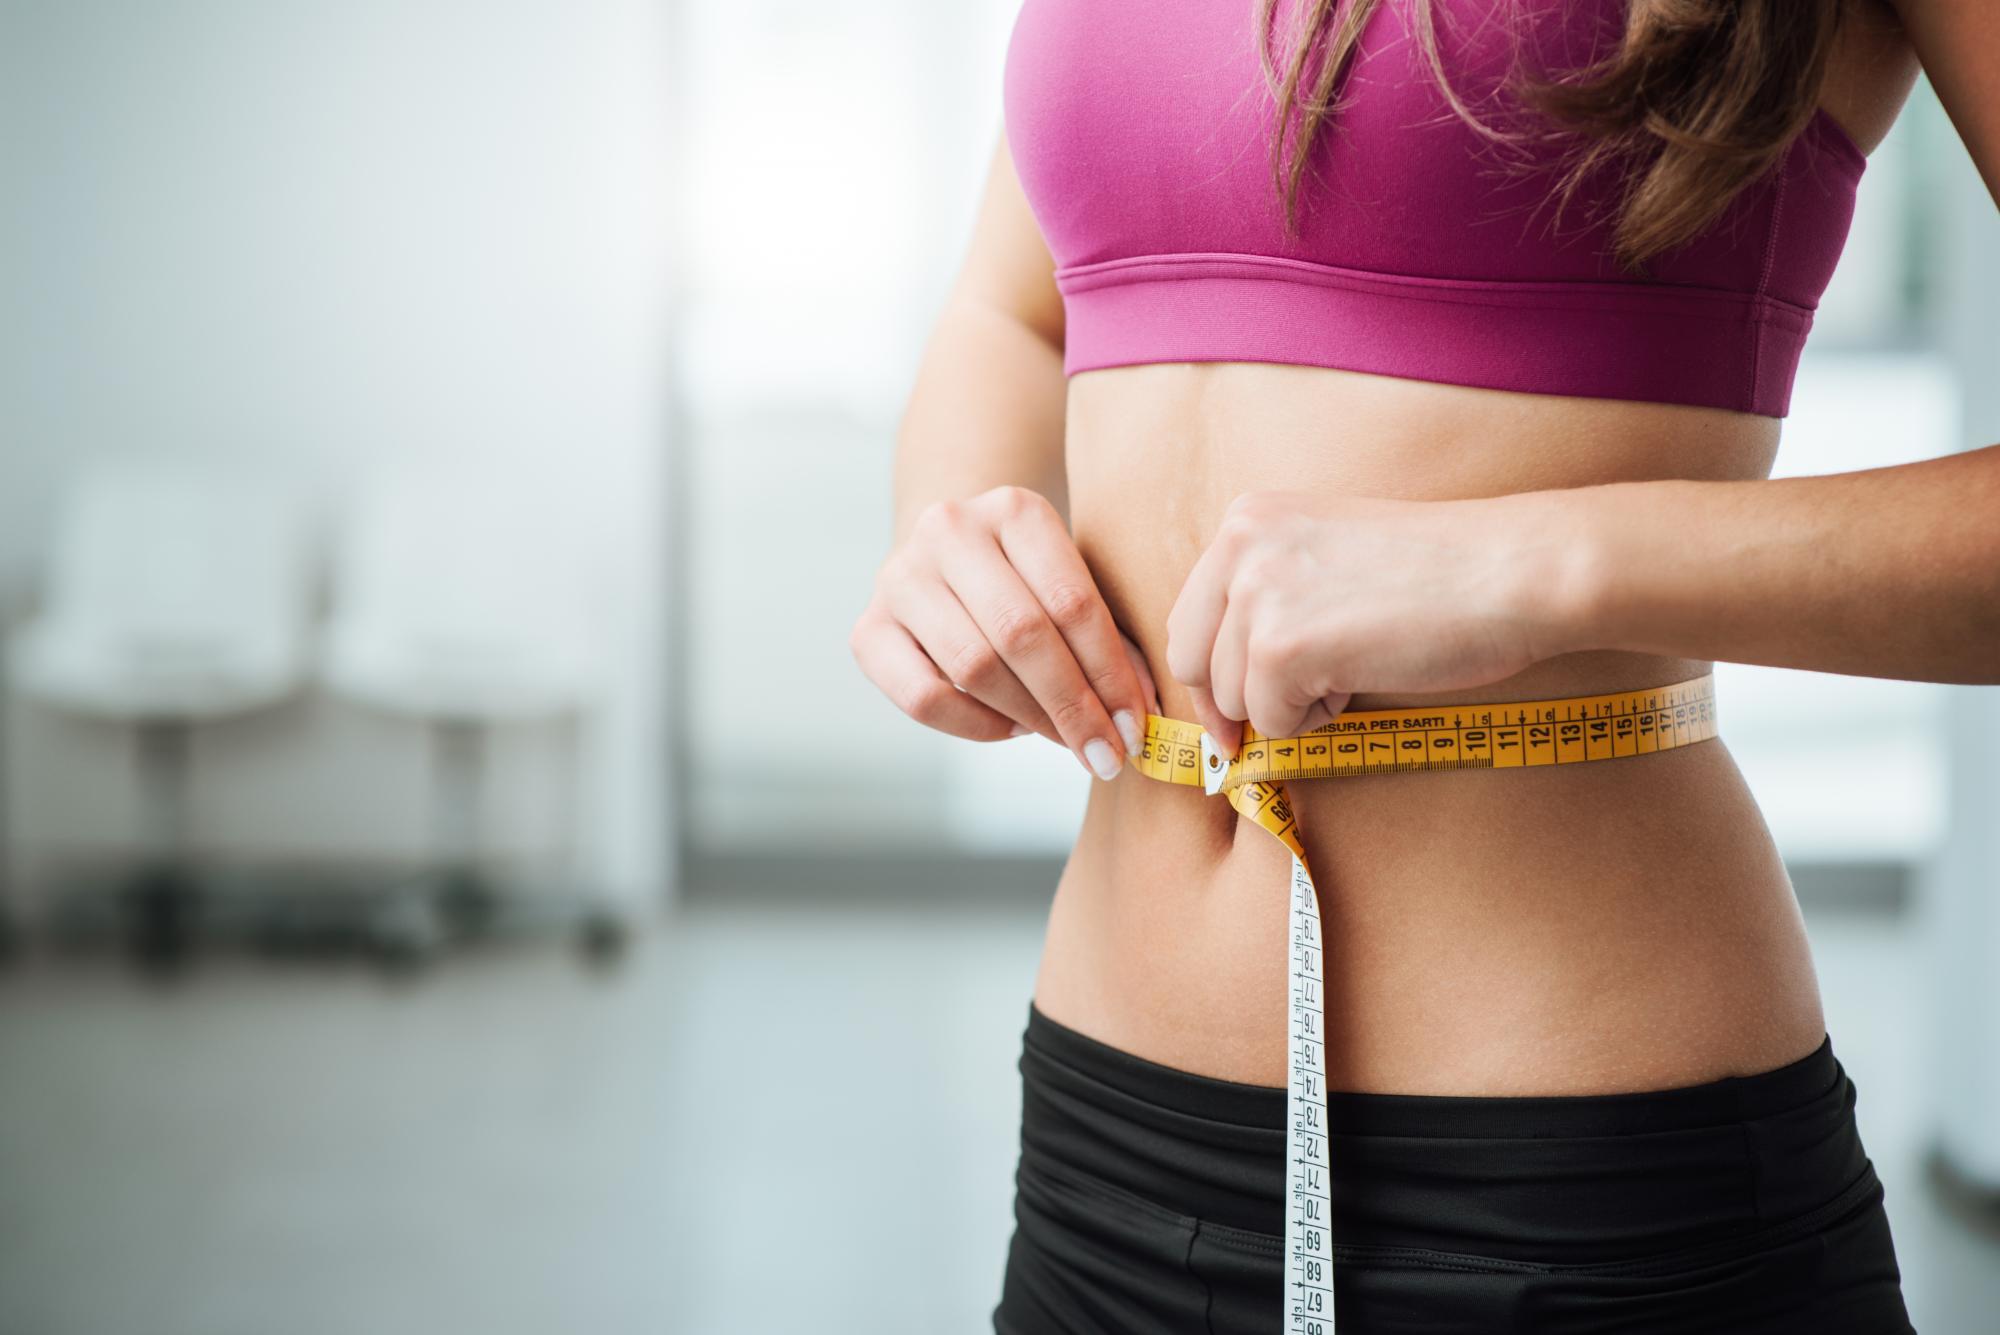 Простые Способы Сбросить Лишний Вес. Сбросить лишний вес? Мы расскажем, как это сделать!